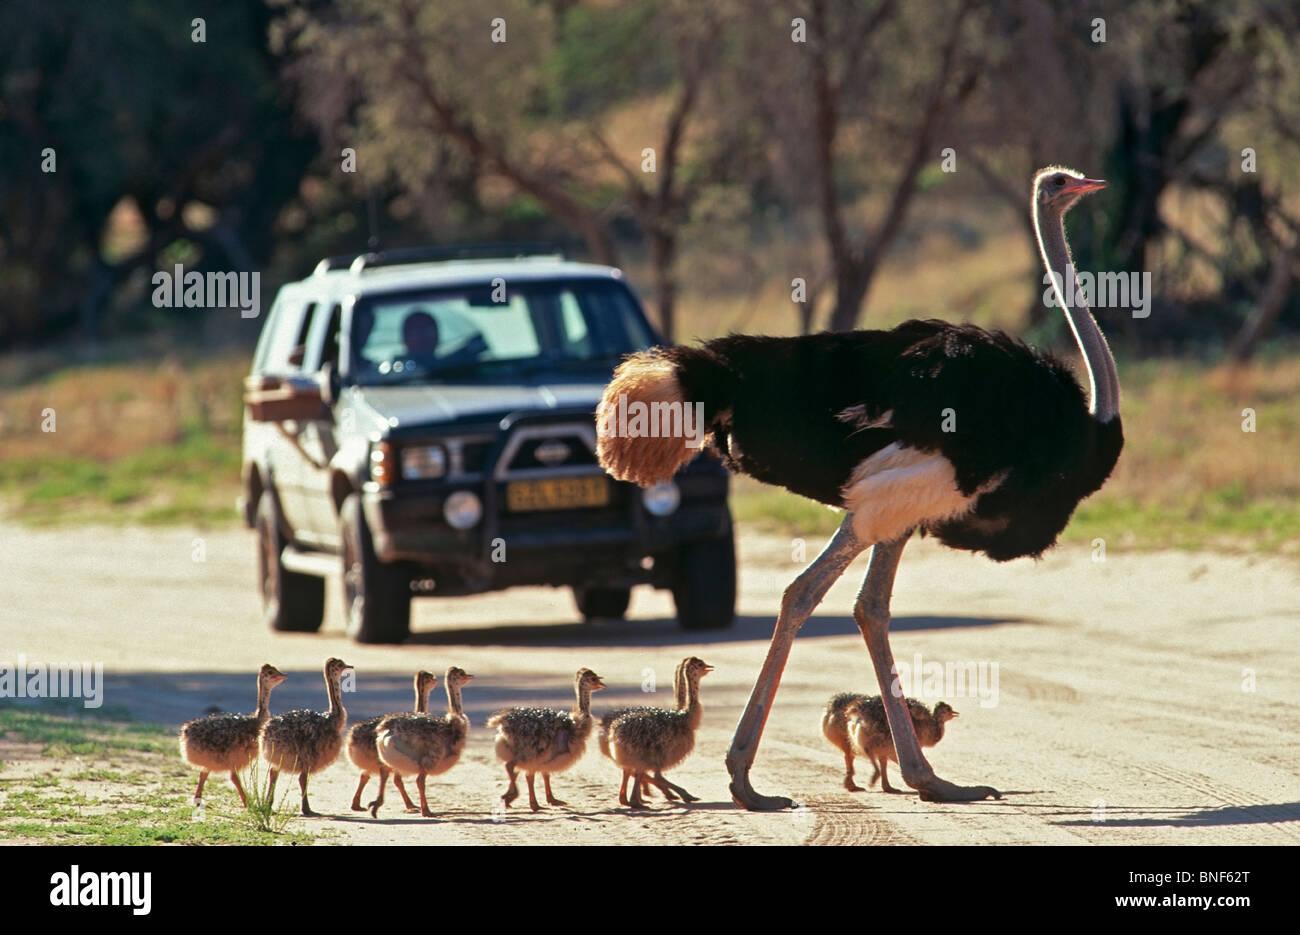 Vista en primer plano común de avestruz (Struthio camelus) y pollitos cruzar una carretera, el Parque Transfronterizo Imagen De Stock